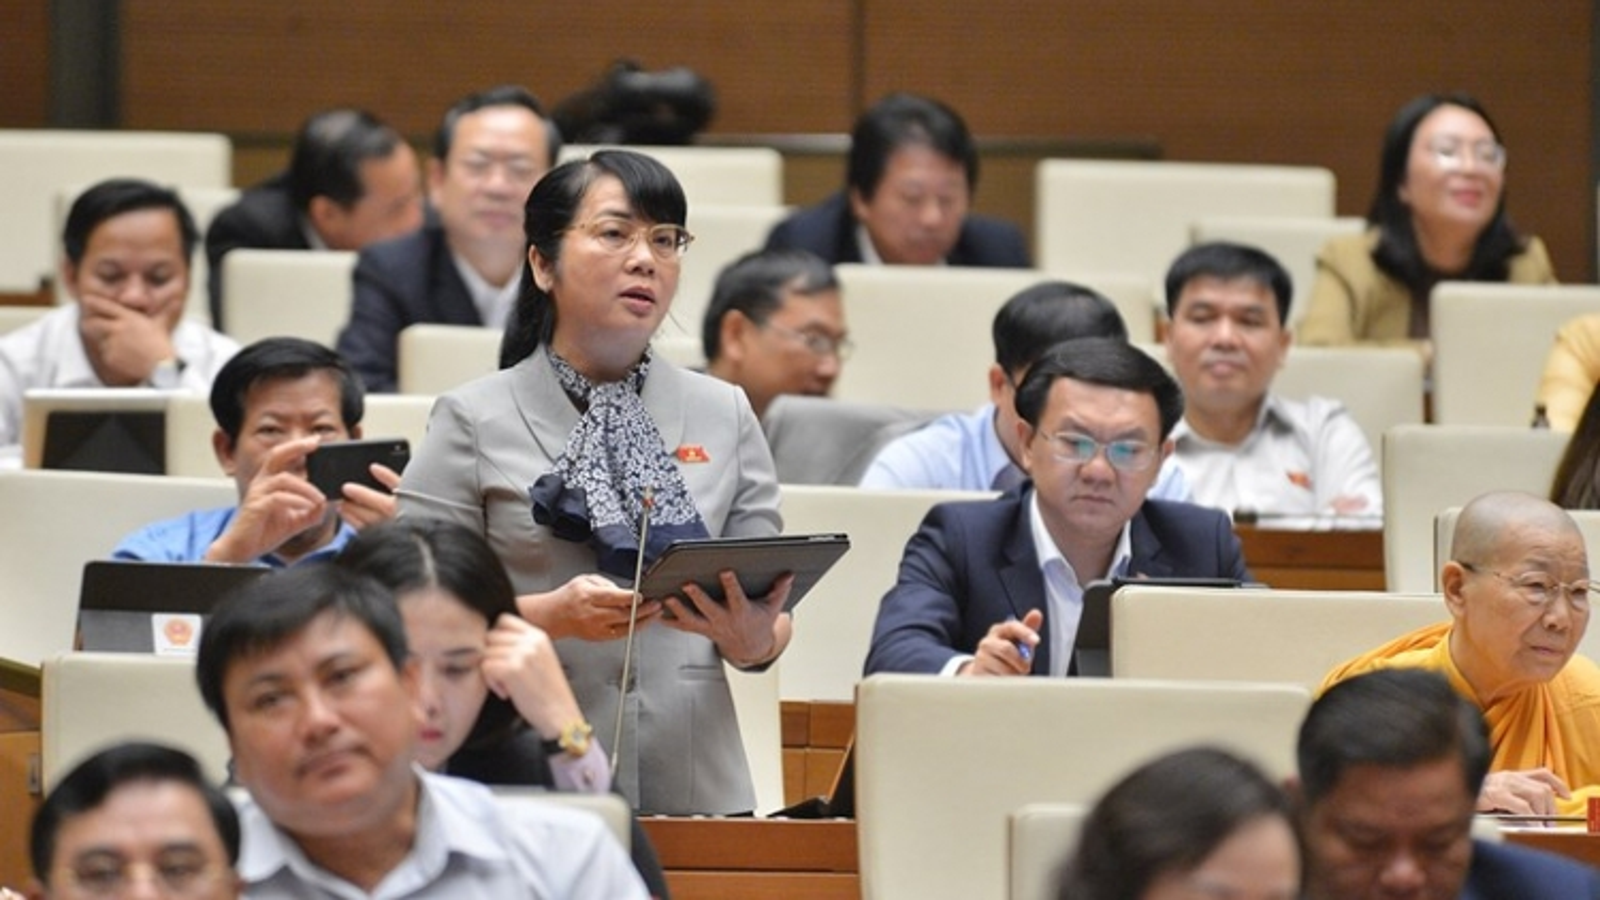 Quốc hội họp phiên bế mạc Kỳ họp thứ 10